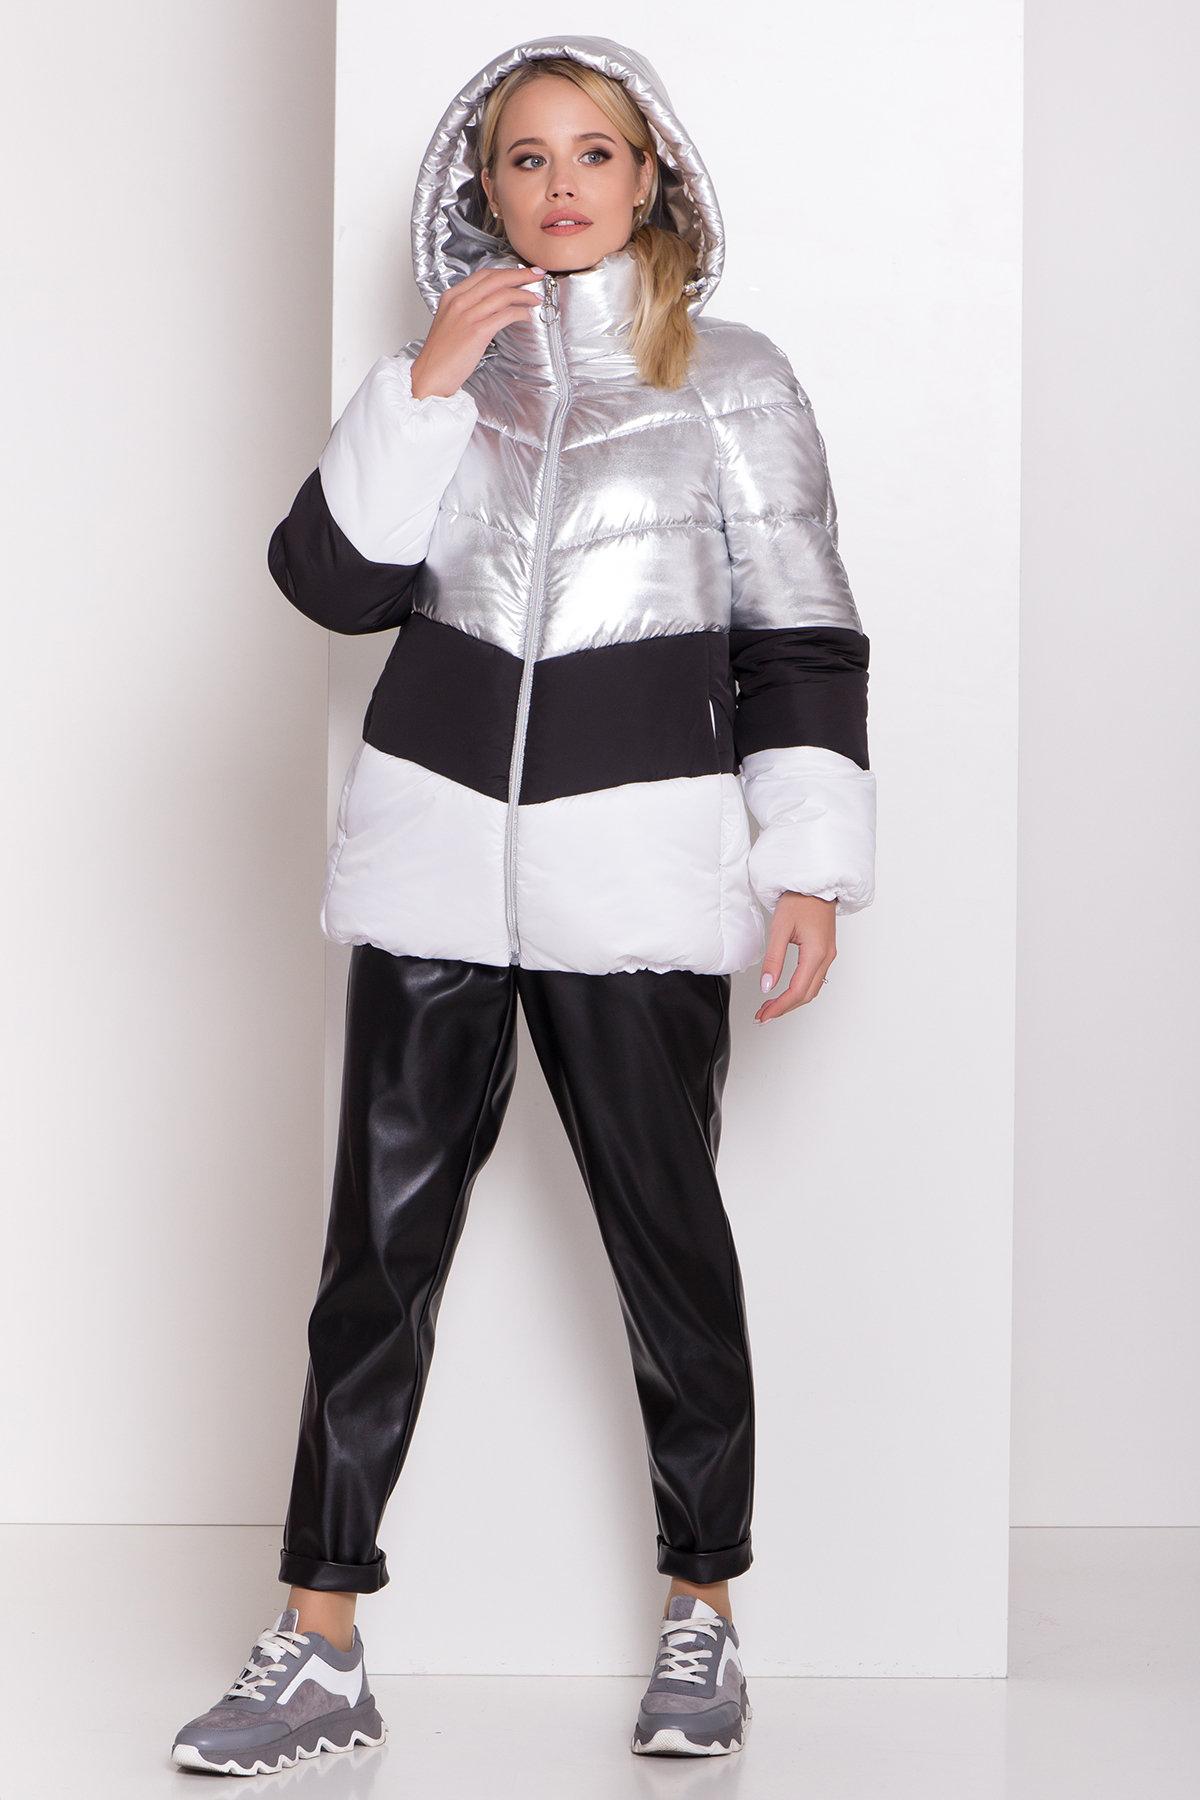 Трехцветный пуховик Австрия 8371 АРТ. 44546 Цвет: Серебро/черный/белый - фото 3, интернет магазин tm-modus.ru